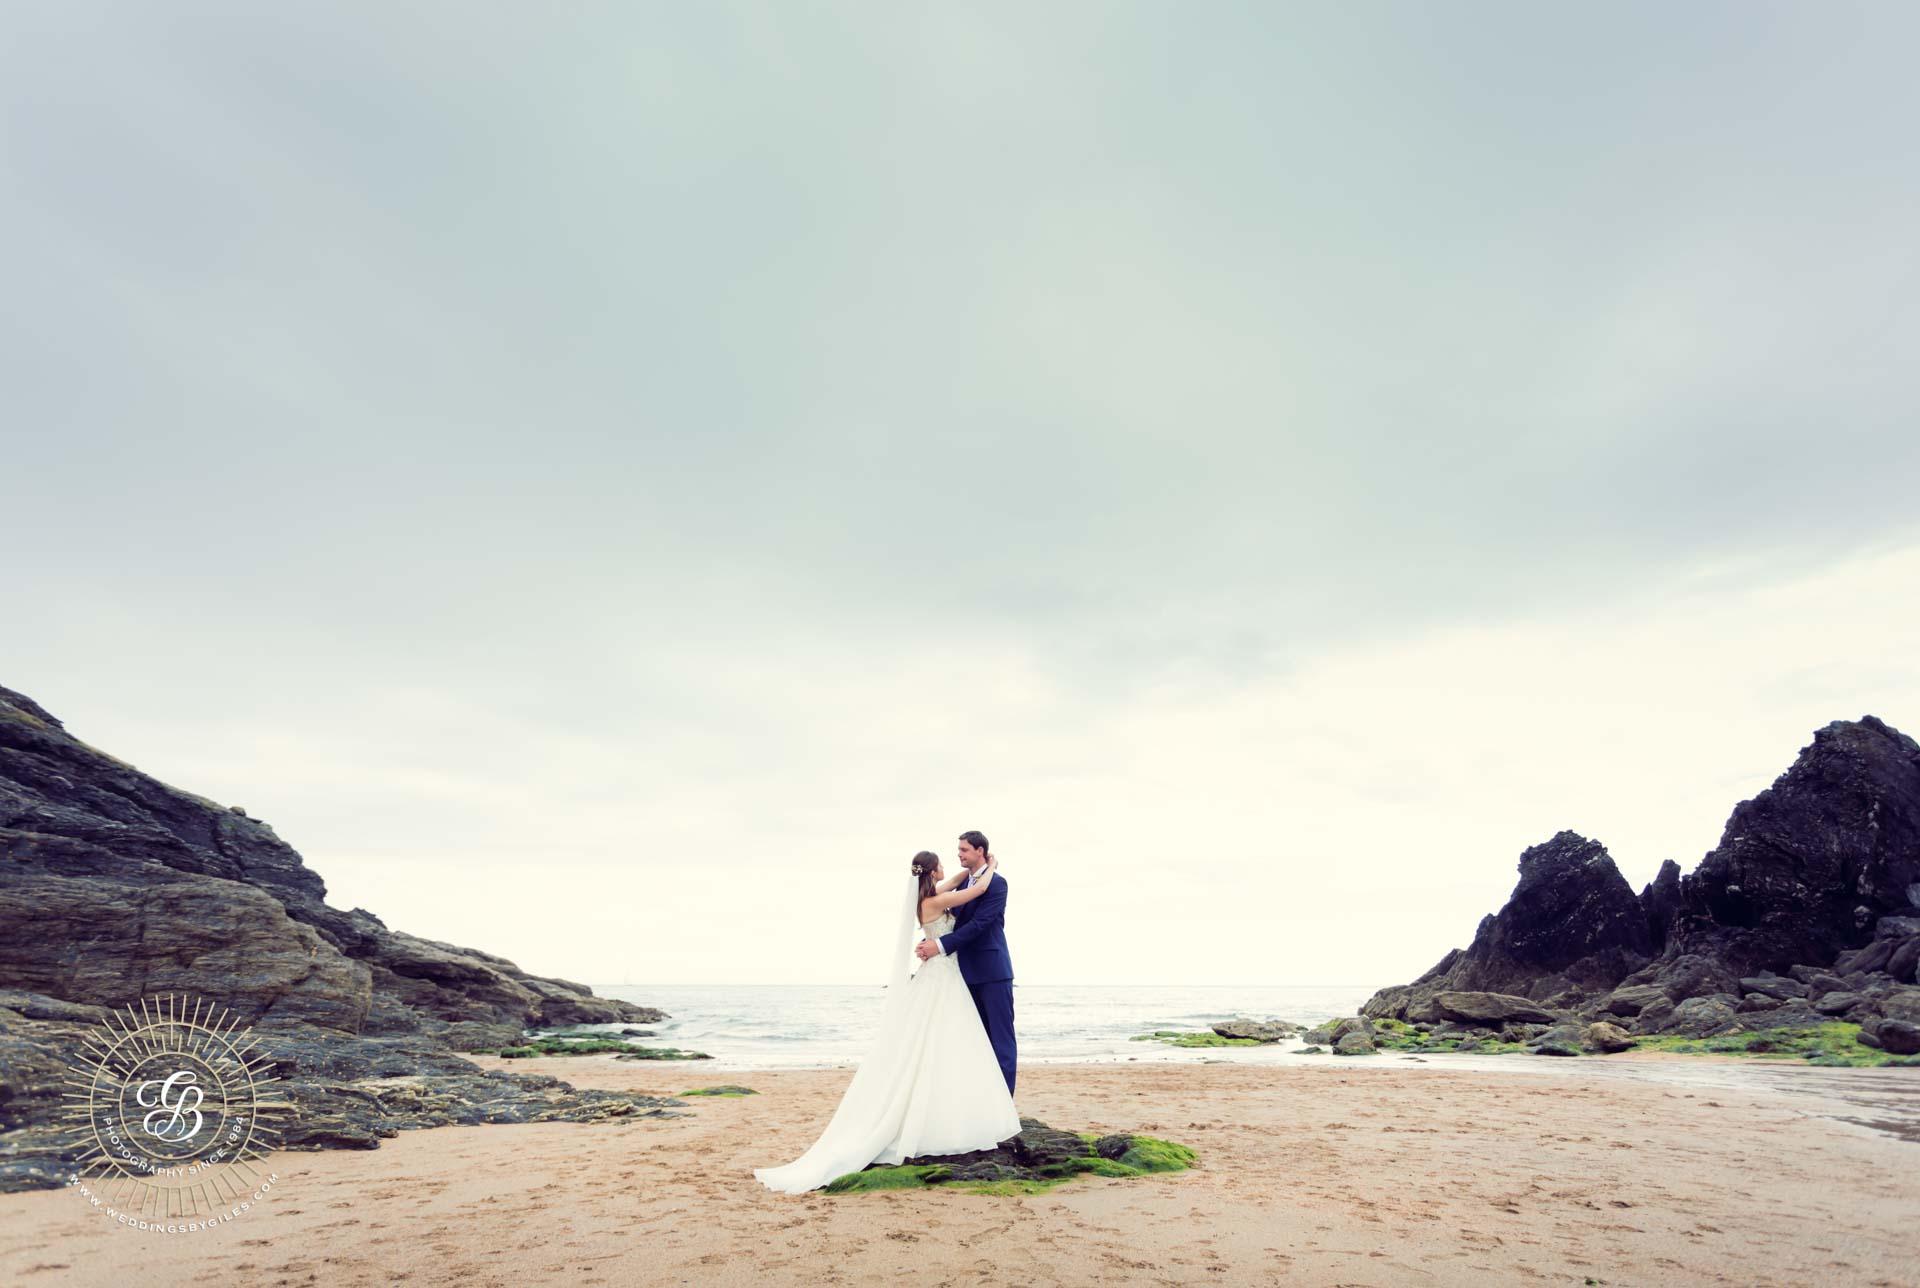 Devon Beach wedding photo shoot